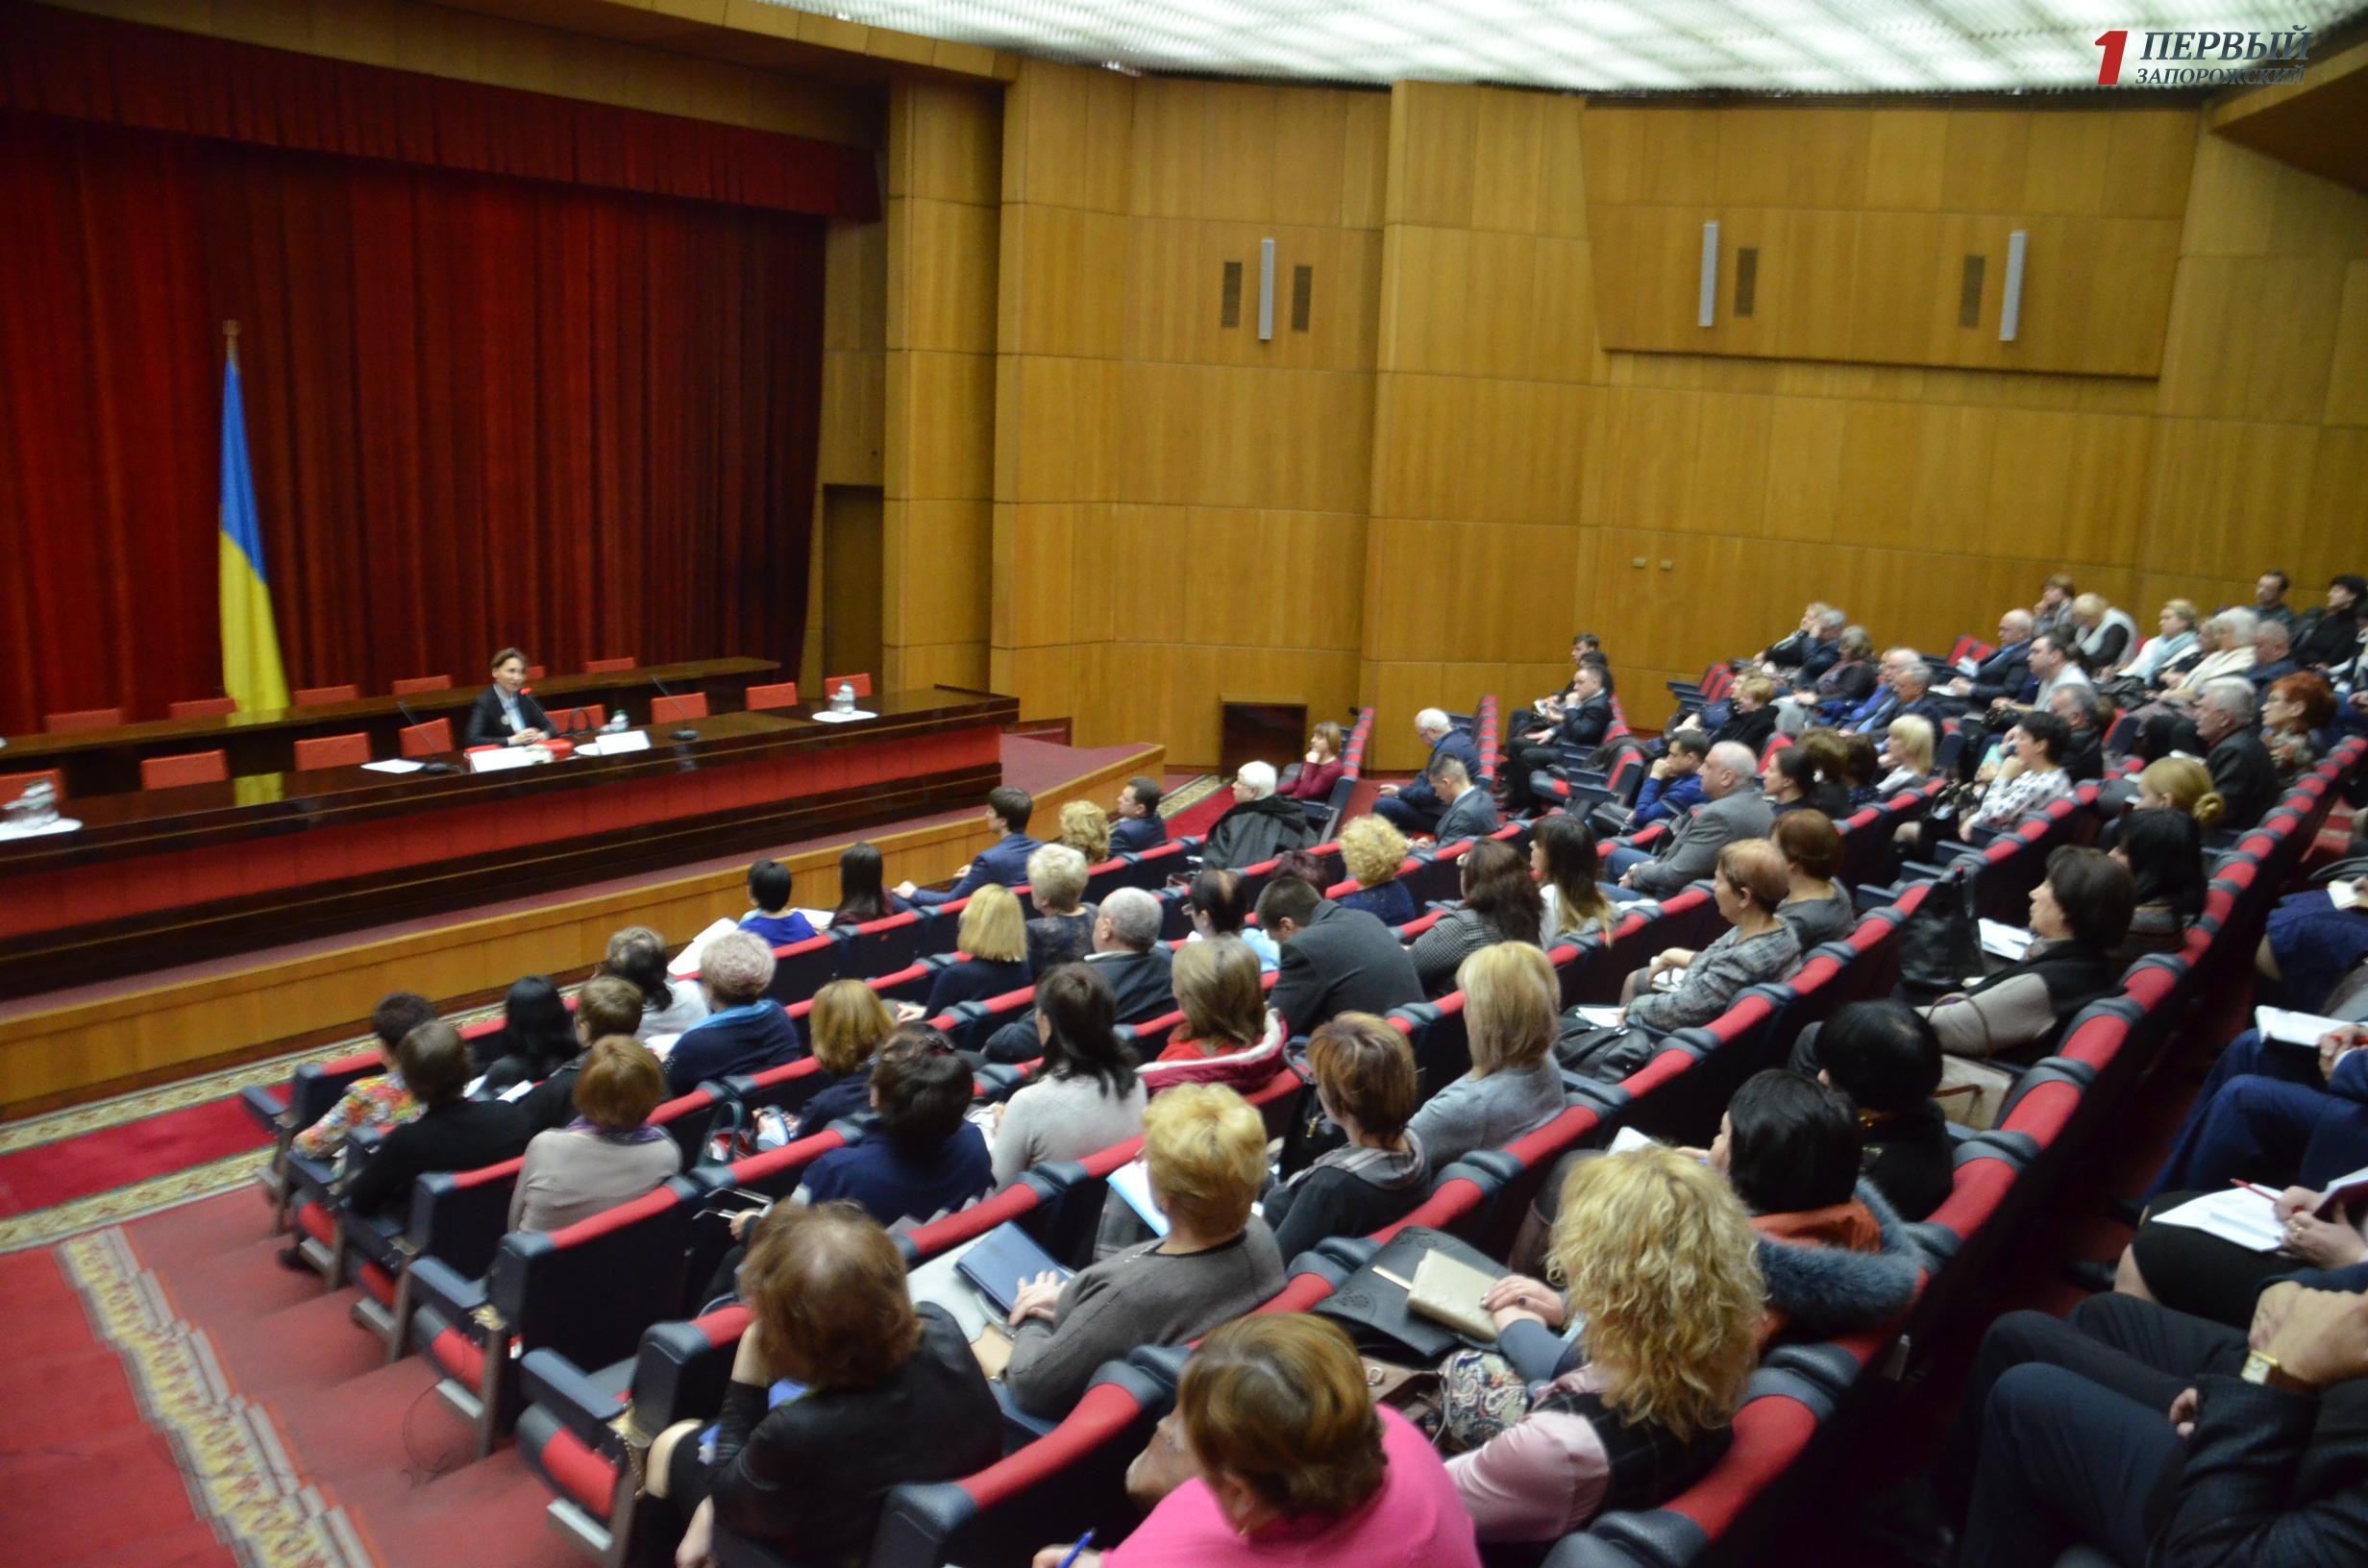 Деньги за пациентов, страховая медицина и запрет приватизации медучреждений: в Запорожье обсудили медицинскую реформу